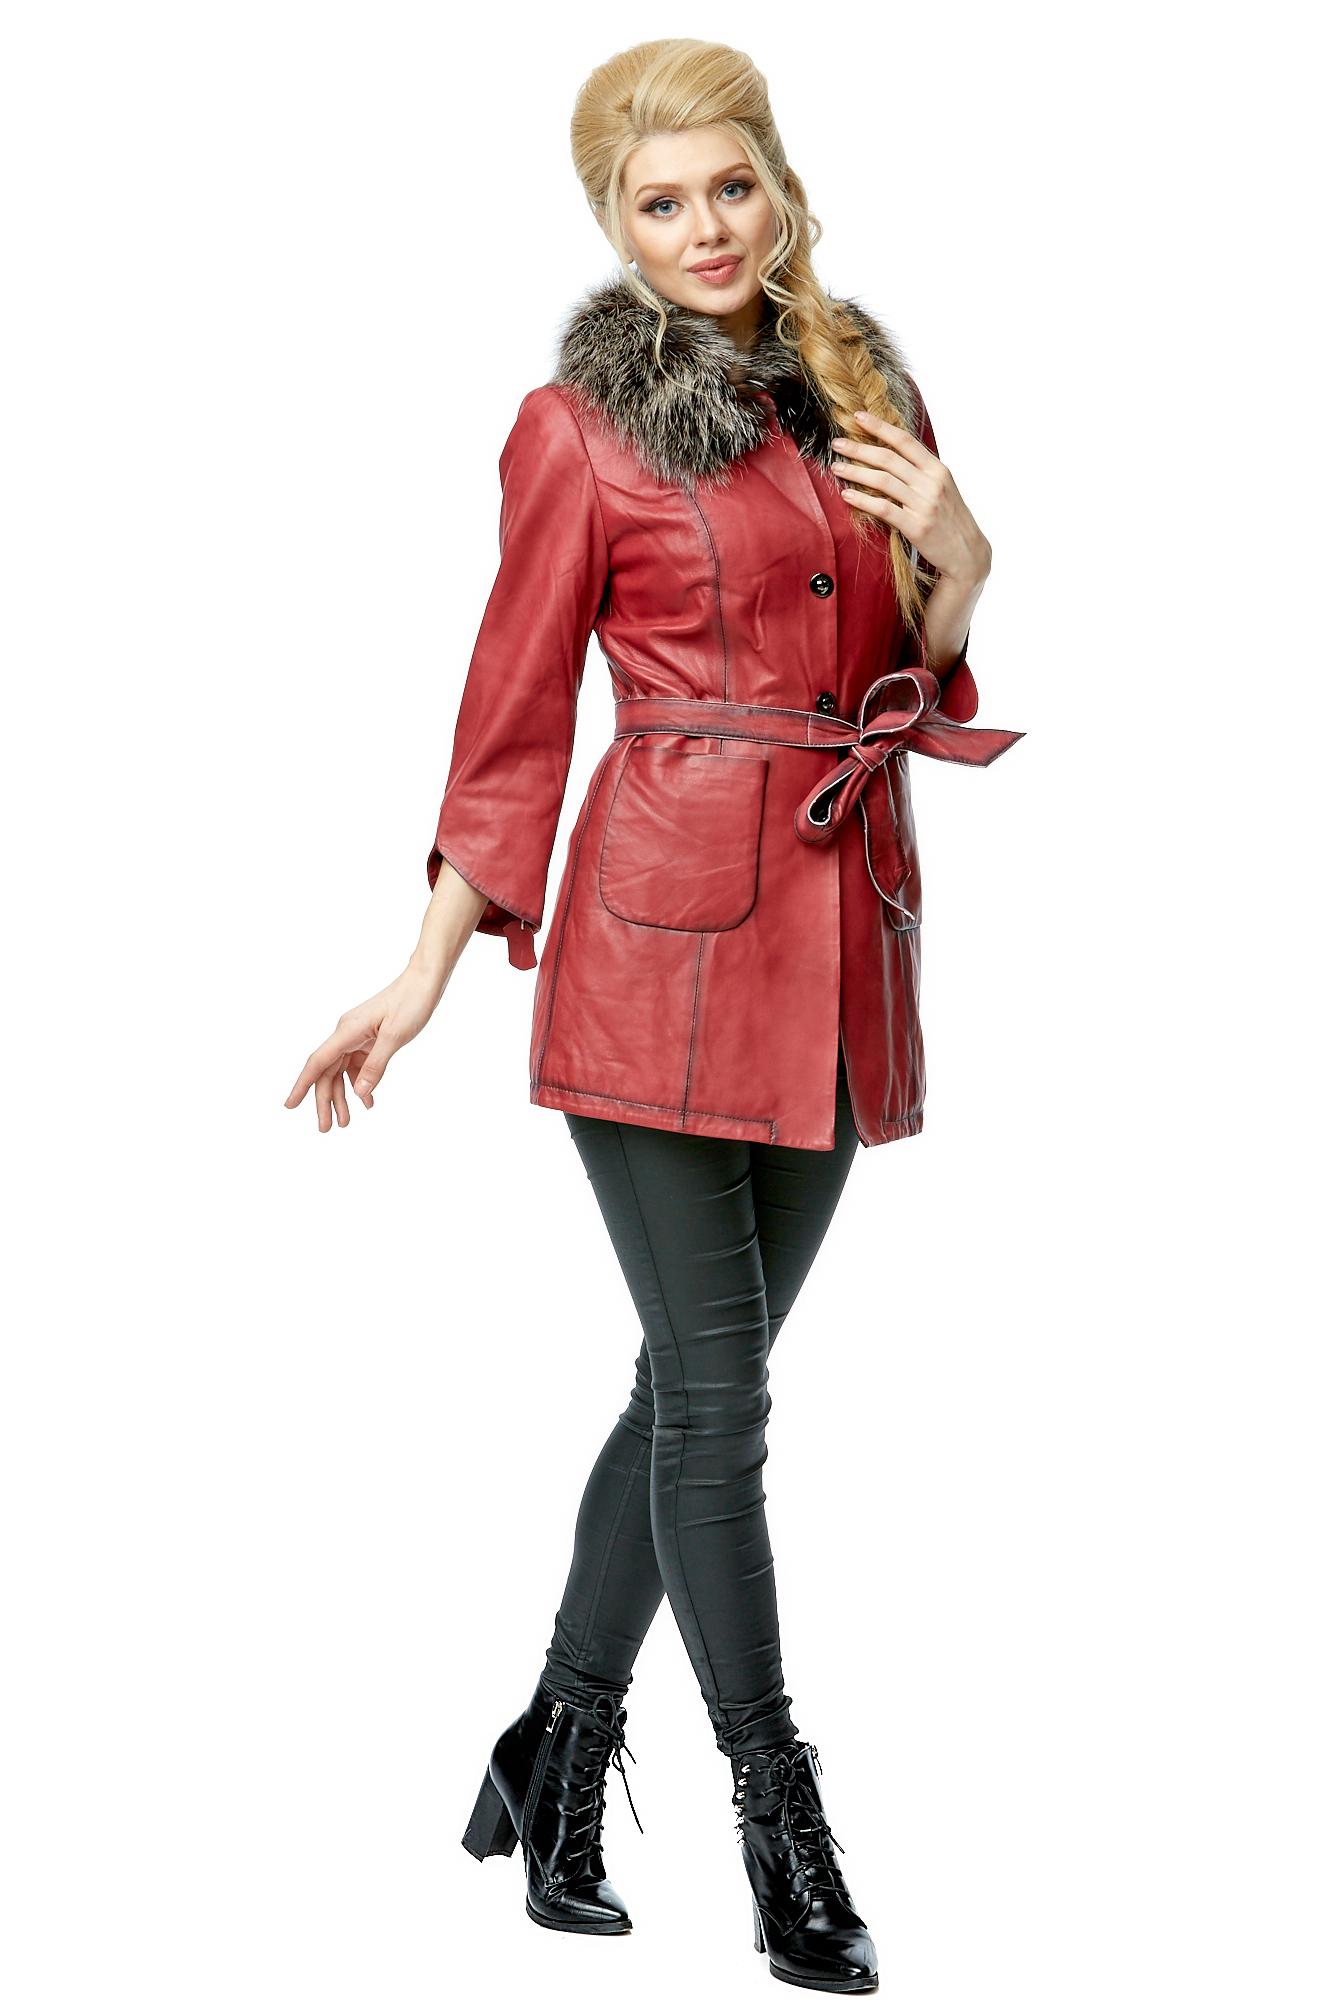 Женская кожаная куртка из натуральной кожи с воротником, отделка блюфрост